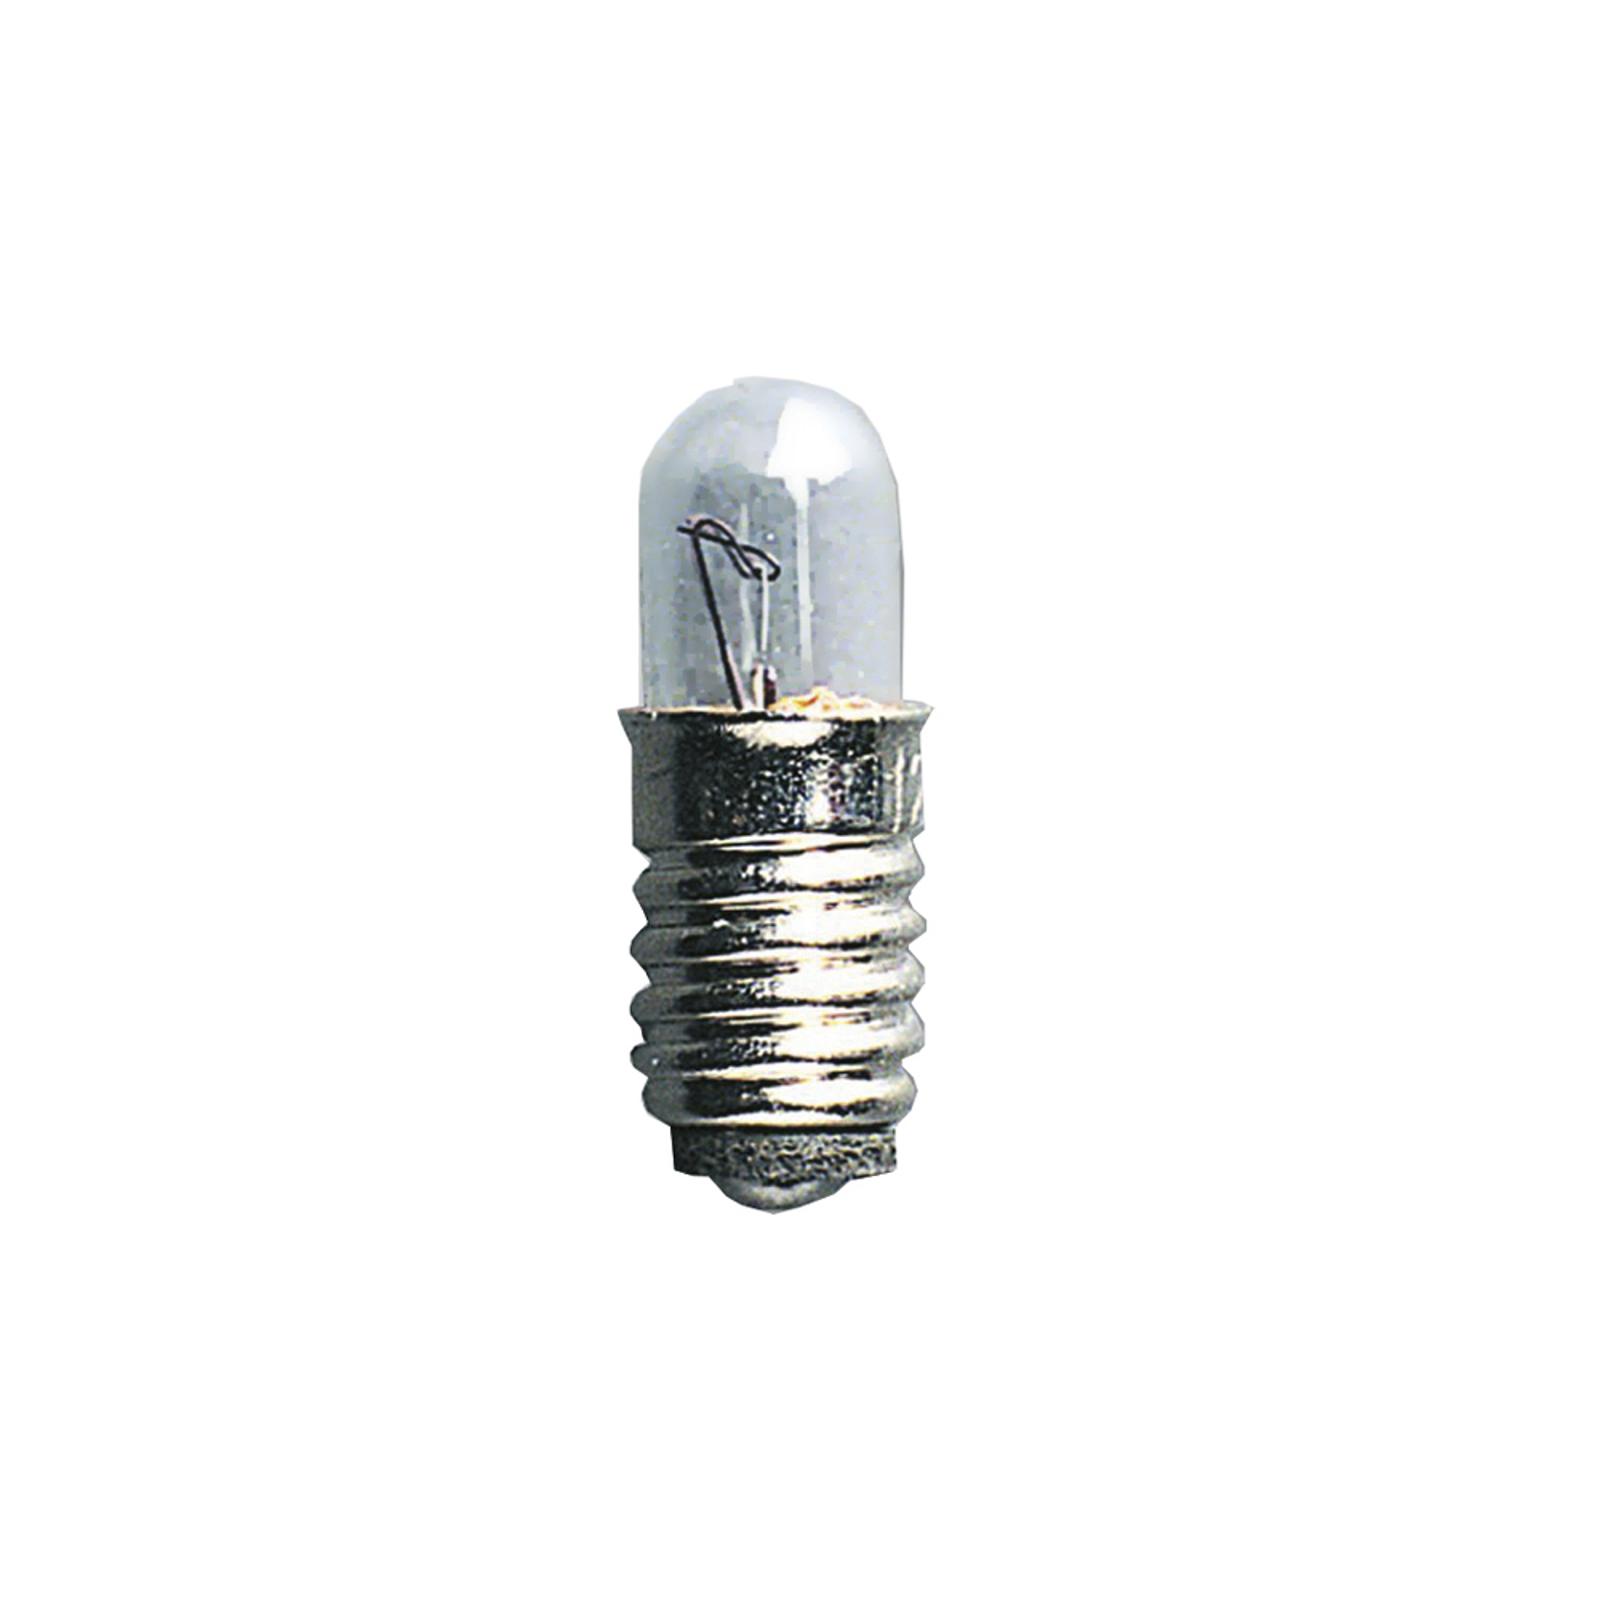 E5 0,6W 12V reservlampor NV-belysning 5pack, klar